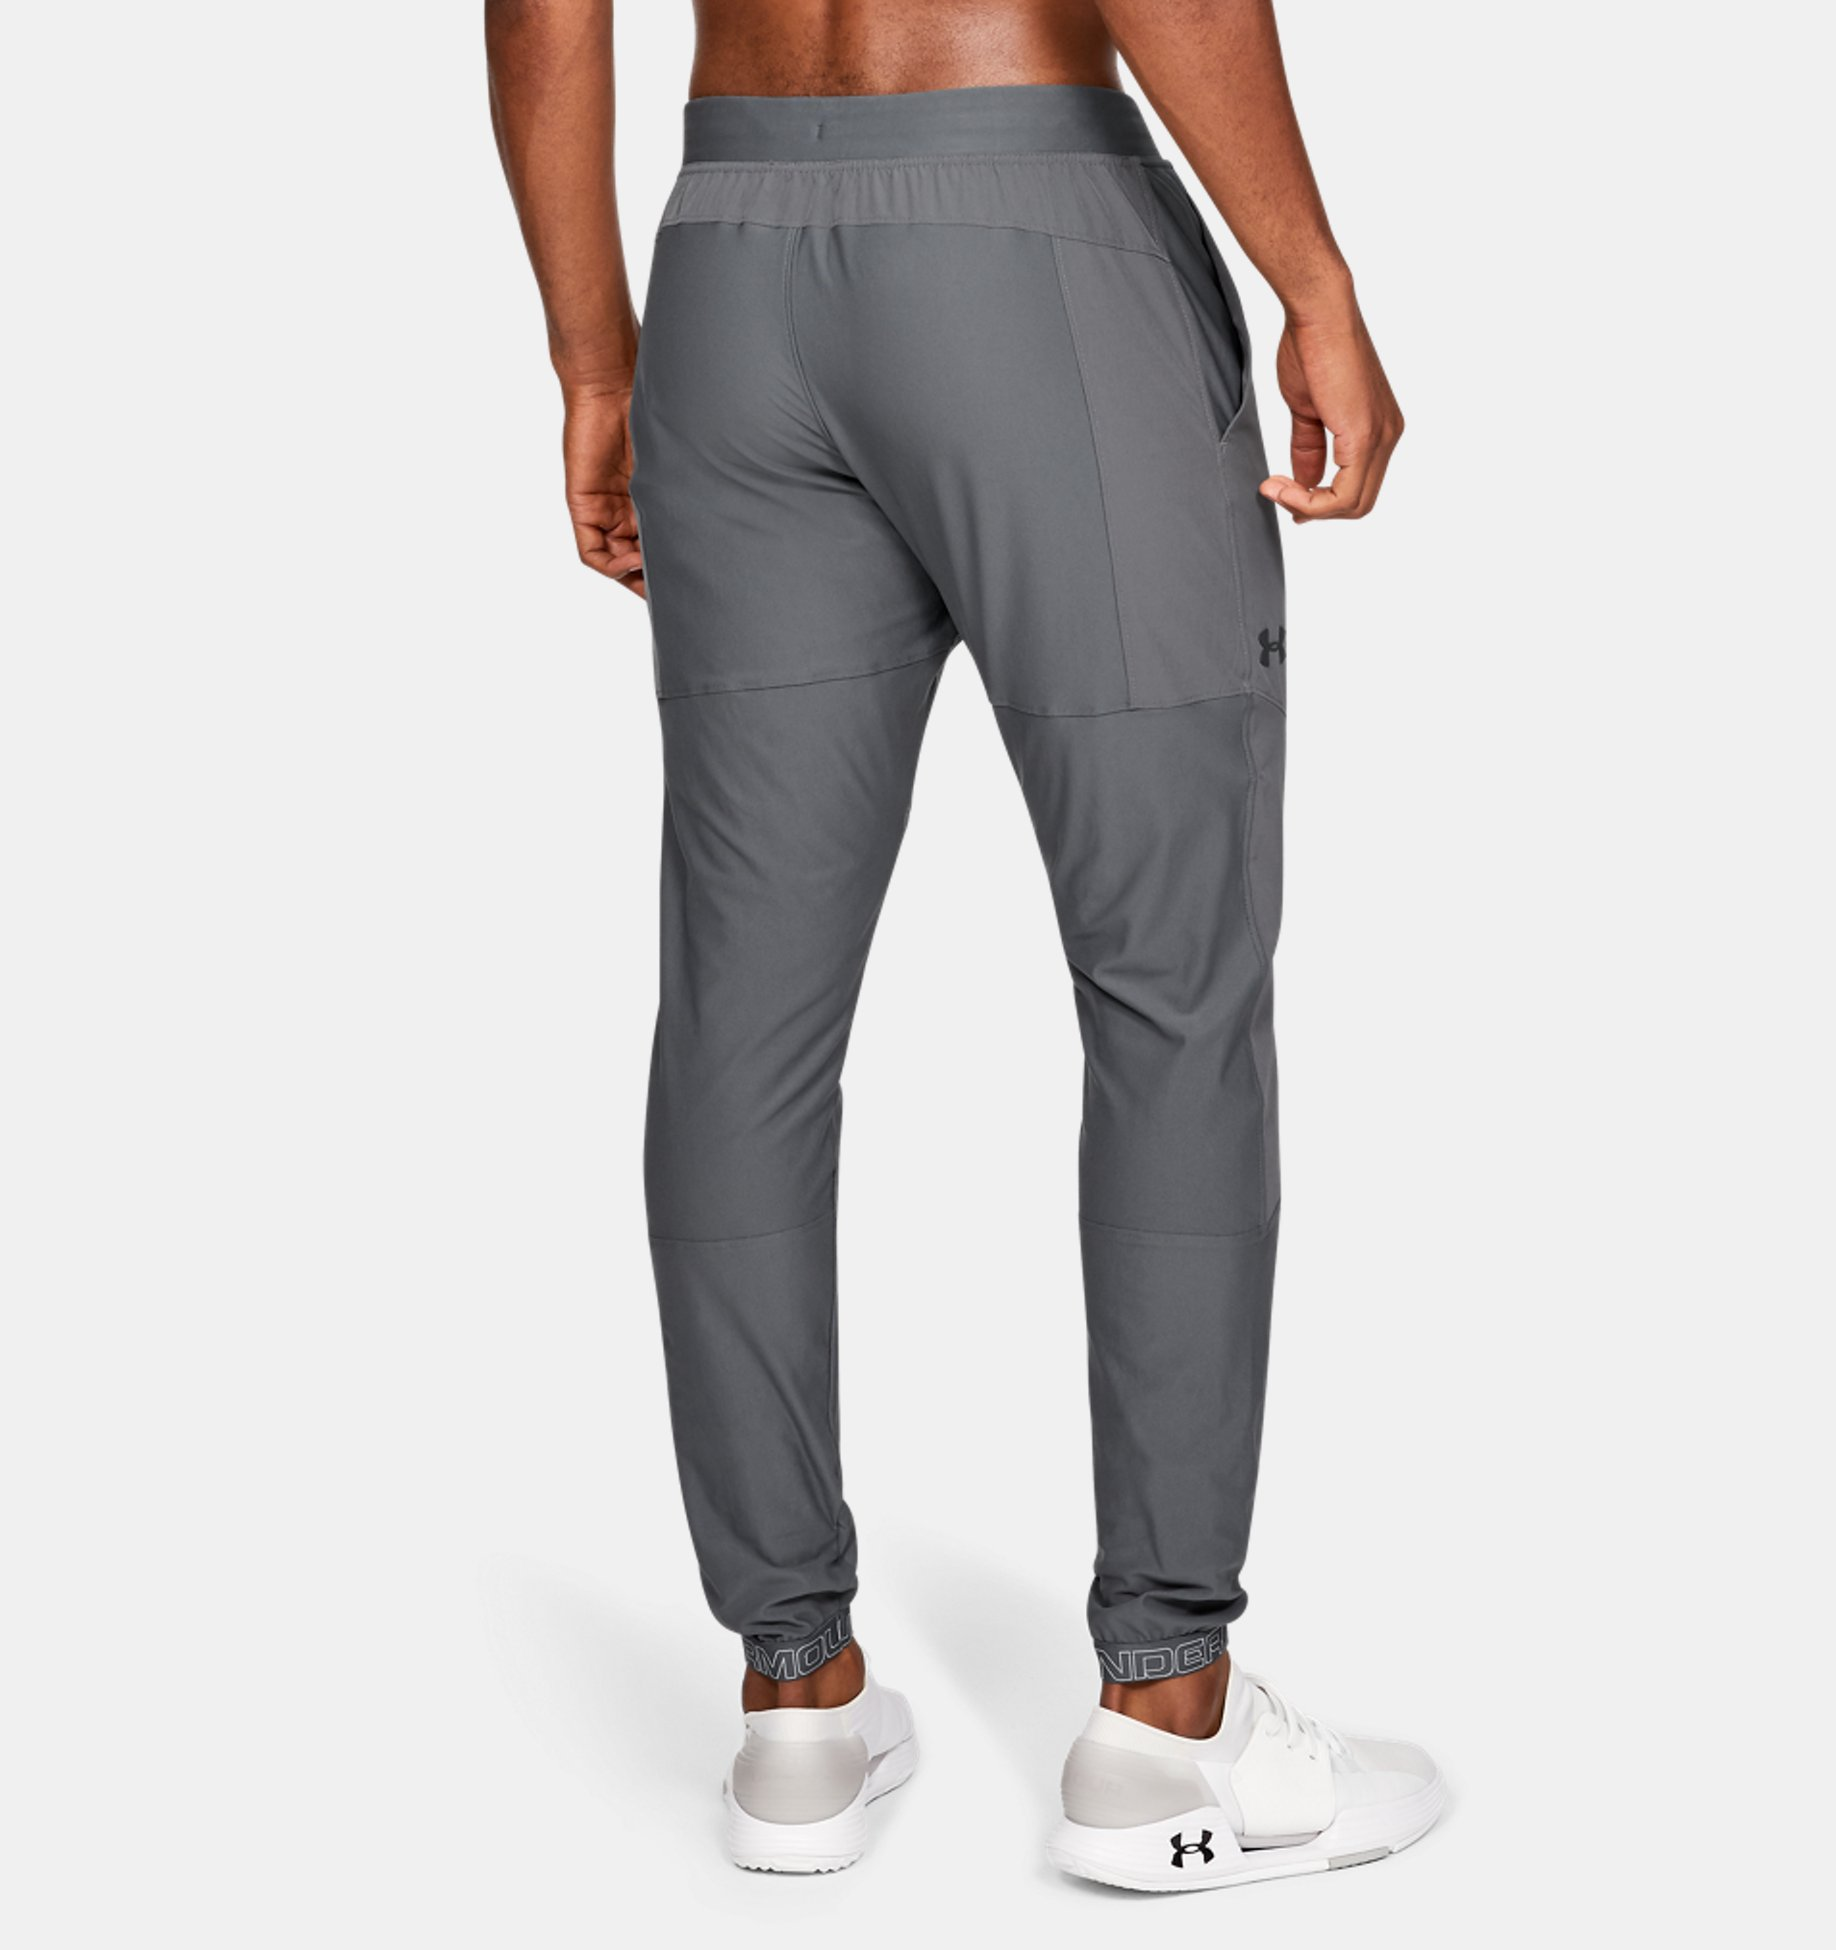 72520e51a Men's UA Vanish Hybrid Trousers | Under Armour PL